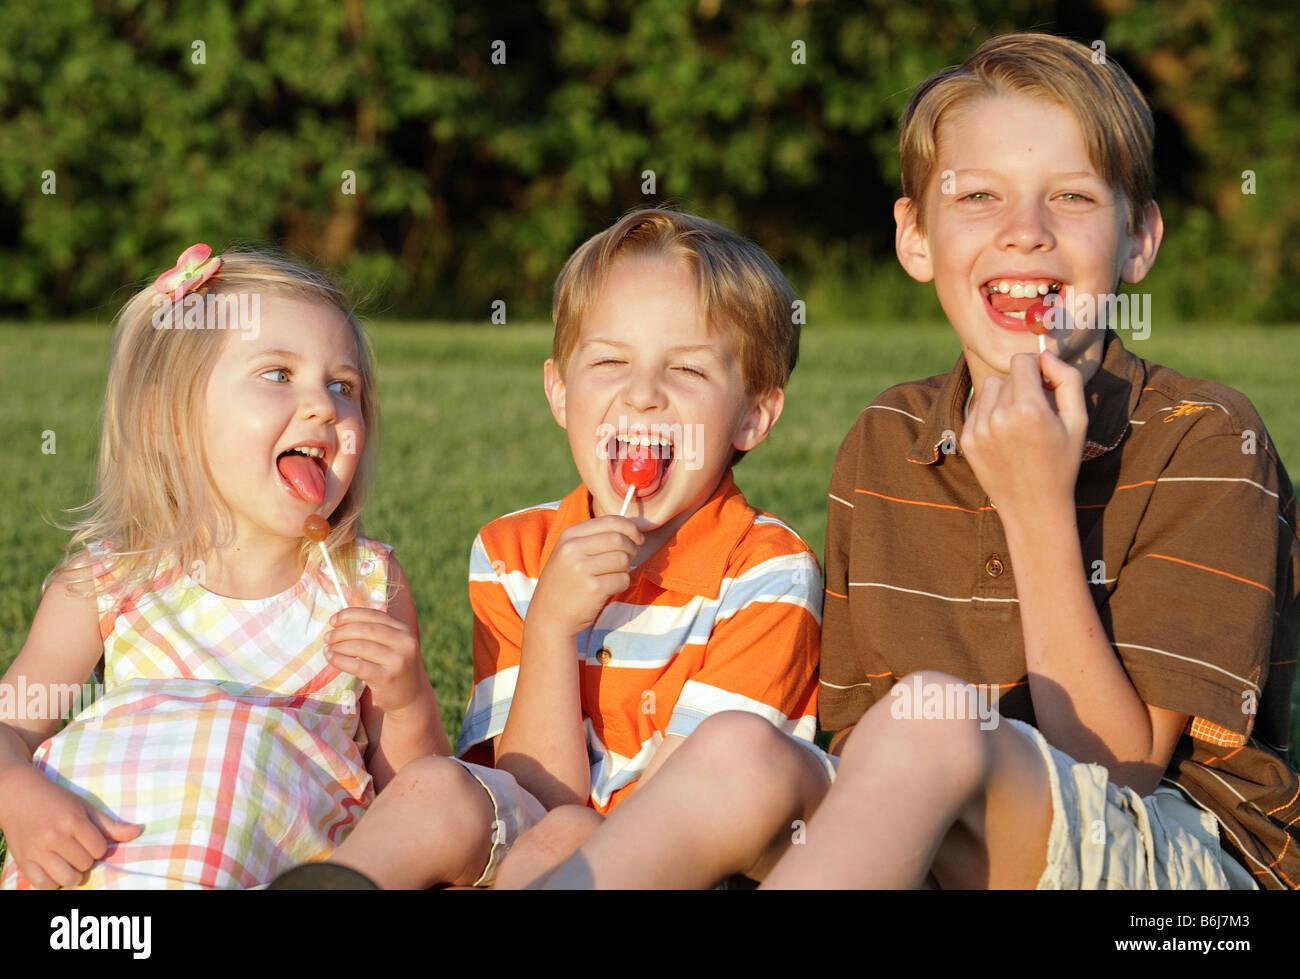 Tre bambini sorridenti e ventose per mangiare all'aperto Immagini Stock